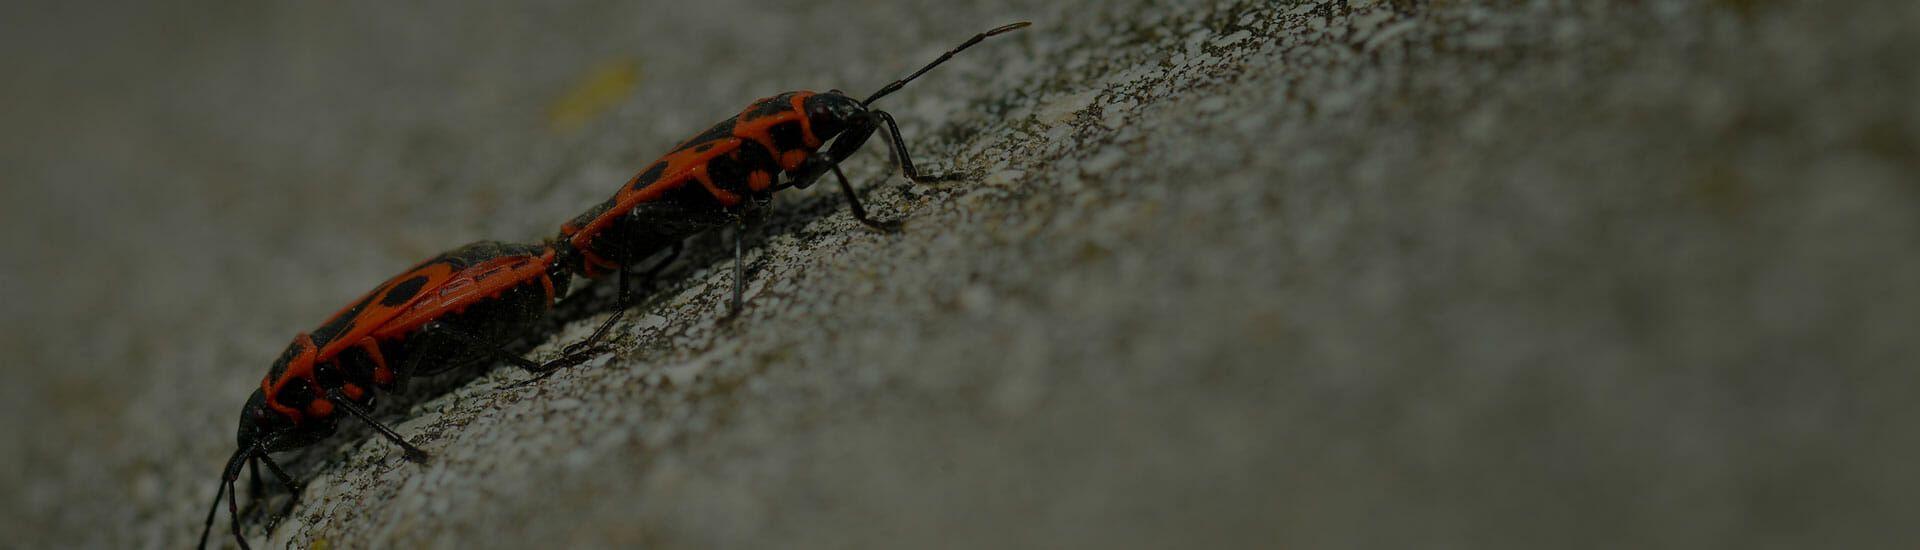 έντομα κατσαρίδες